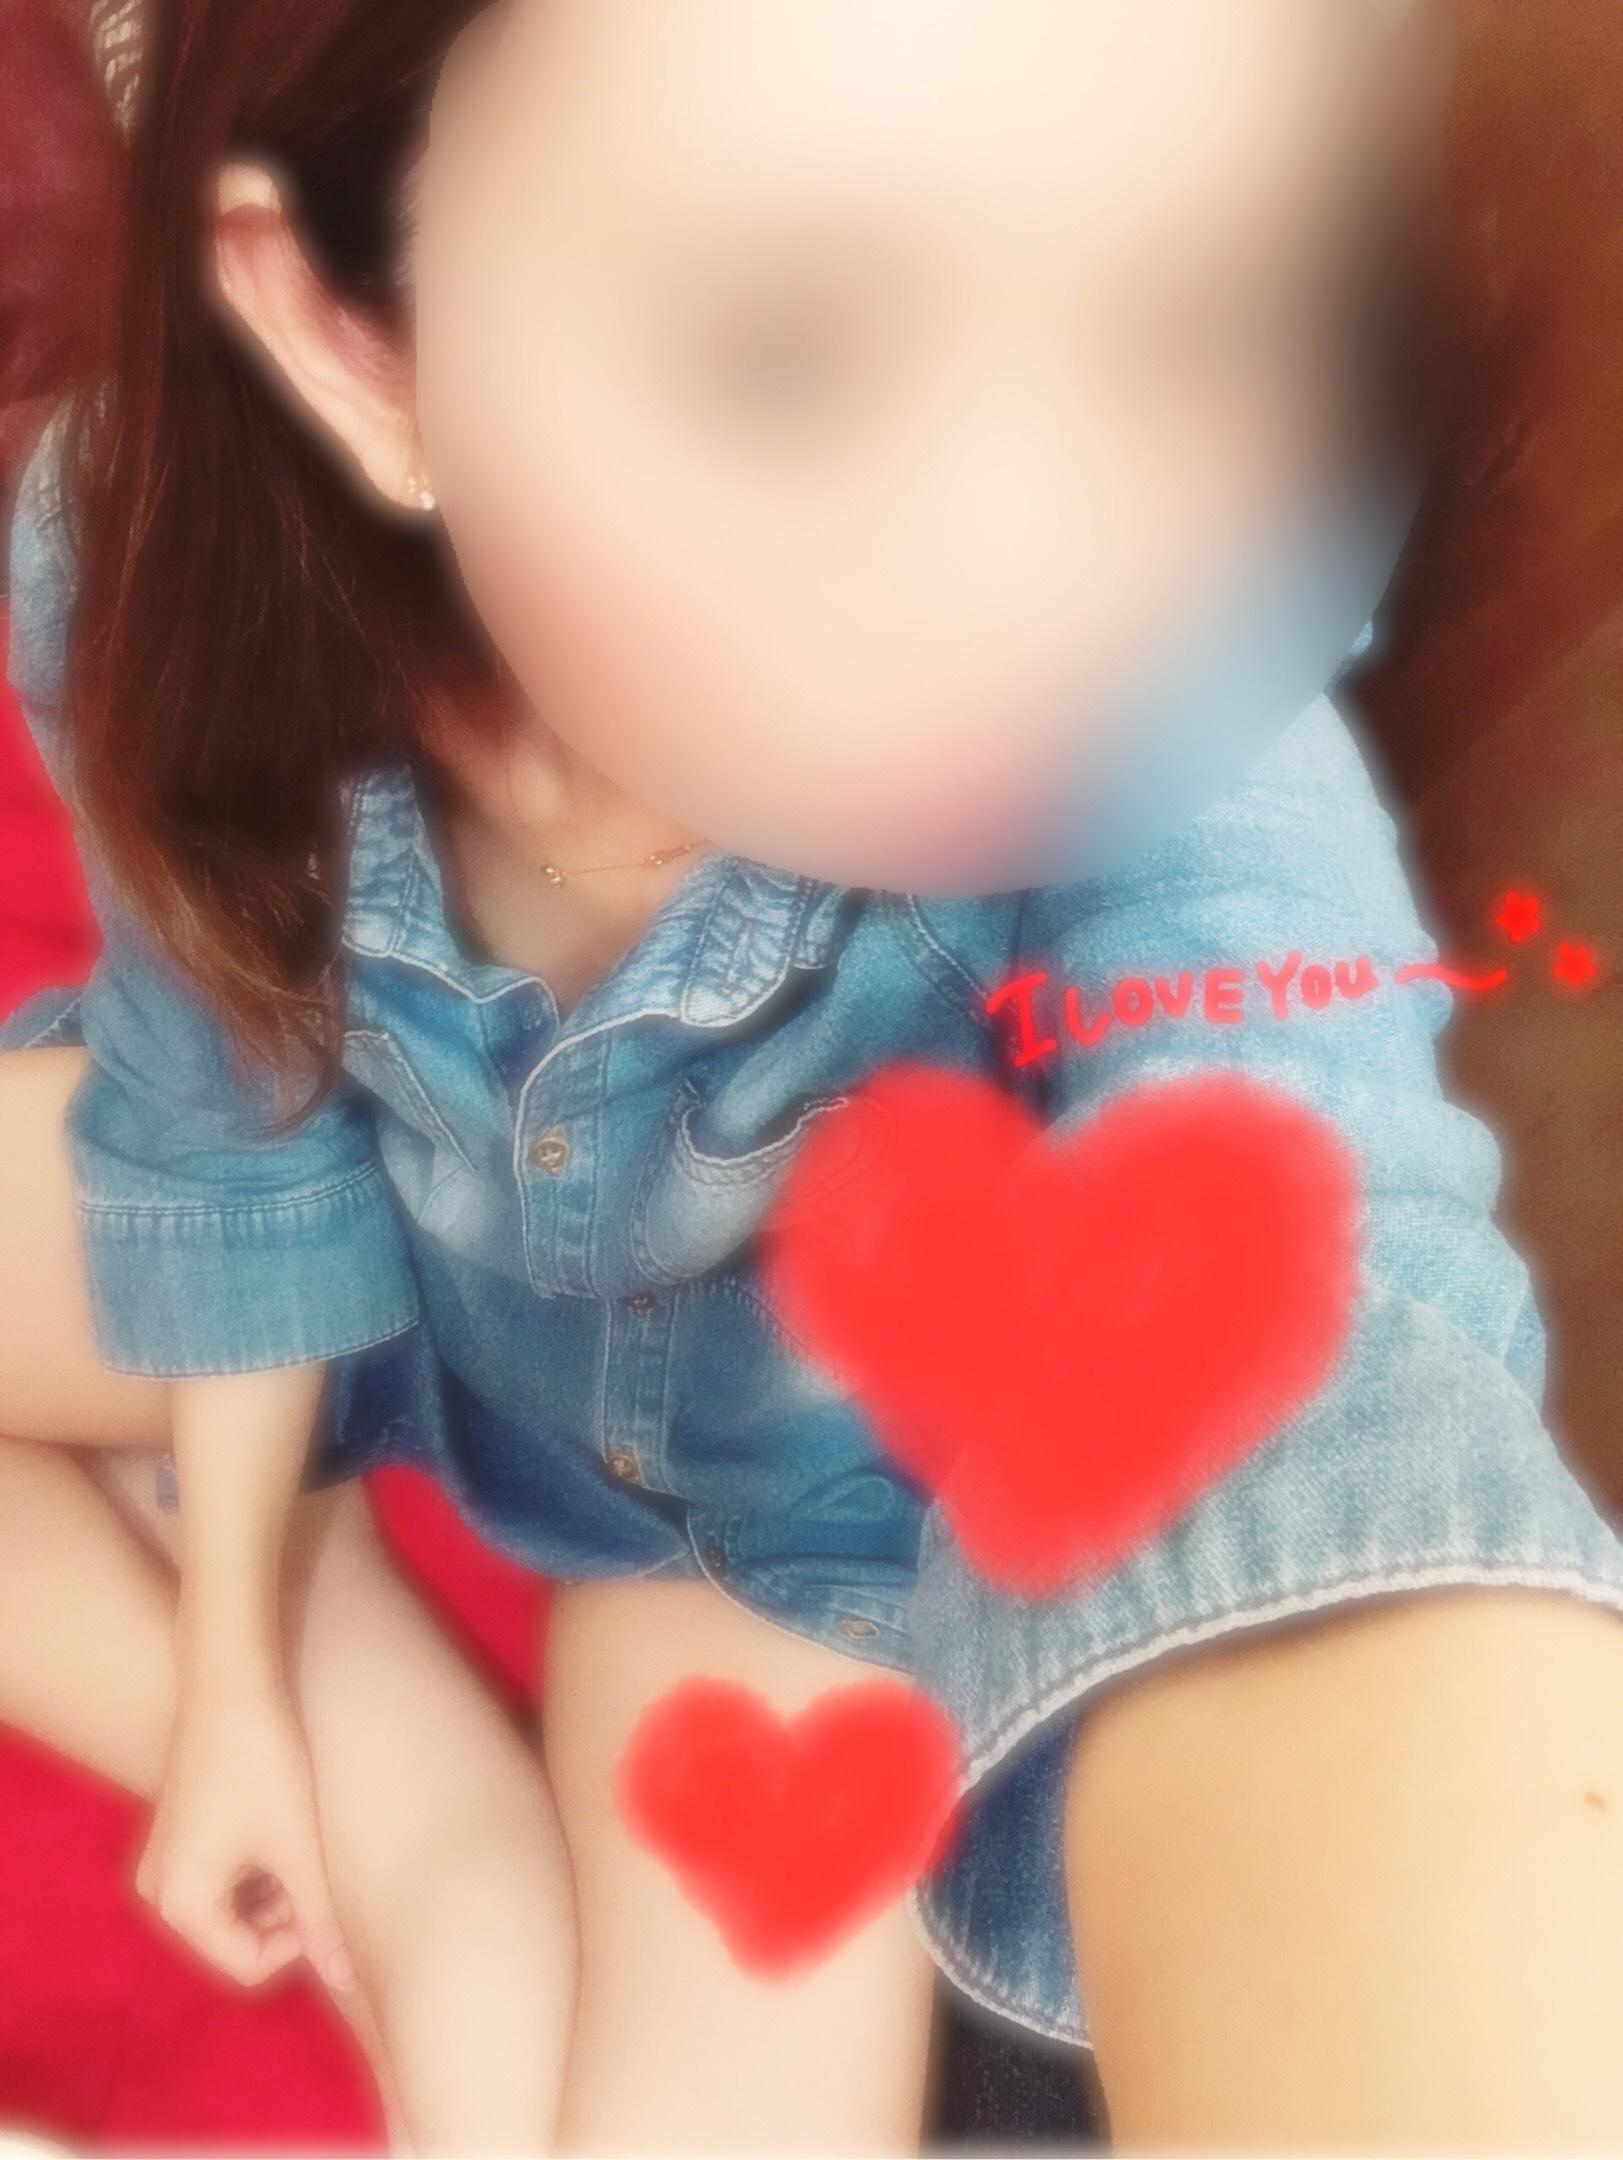 「i love you〜*」05/24(木) 15:30 | 一ノ瀬さやかの写メ・風俗動画